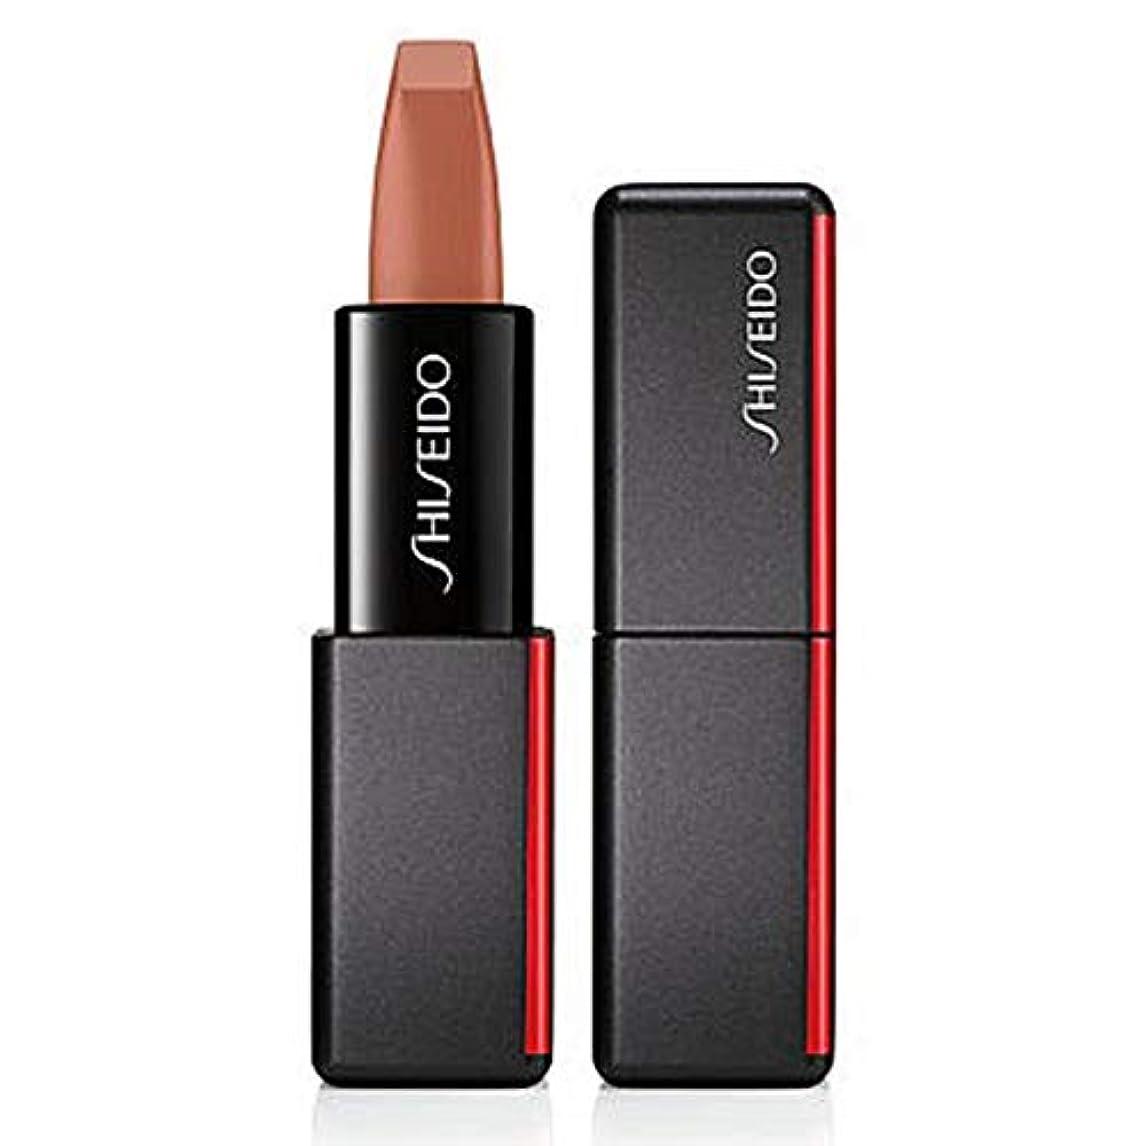 きしむに付ける暫定資生堂 ModernMatte Powder Lipstick - # 504 Thigh High (Nude Beige) 4g/0.14oz並行輸入品